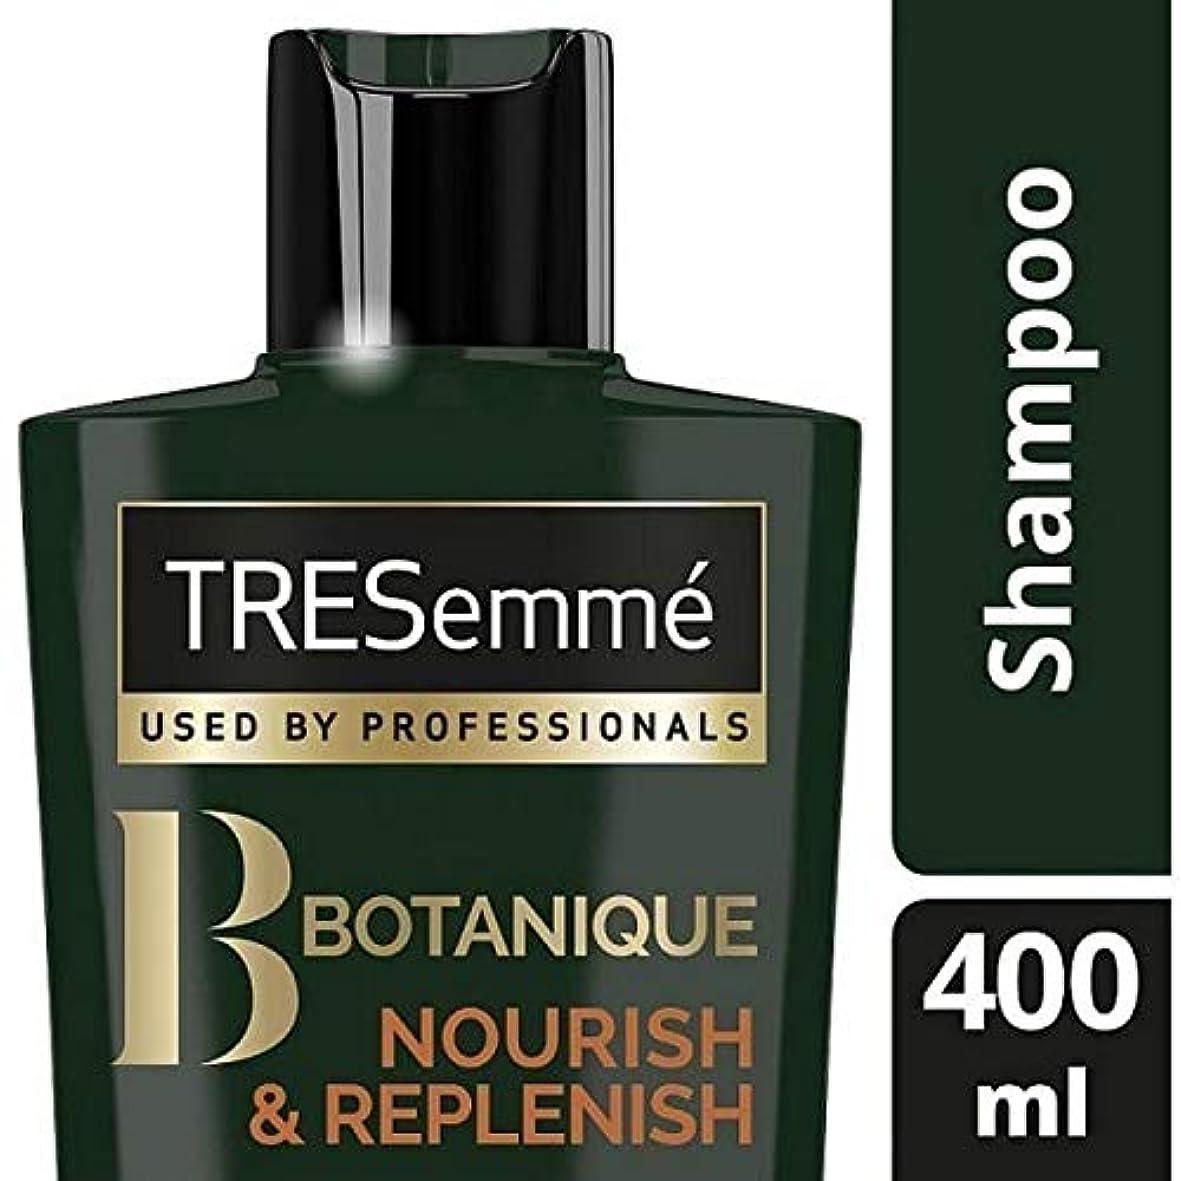 忠実ソーシャル城[Tresemme] Tresemmeのボタニックはシャンプー400ミリリットルを養う&補充します - TRESemme Botanique Nourish & Replenish Shampoo 400ml [並行輸入品]